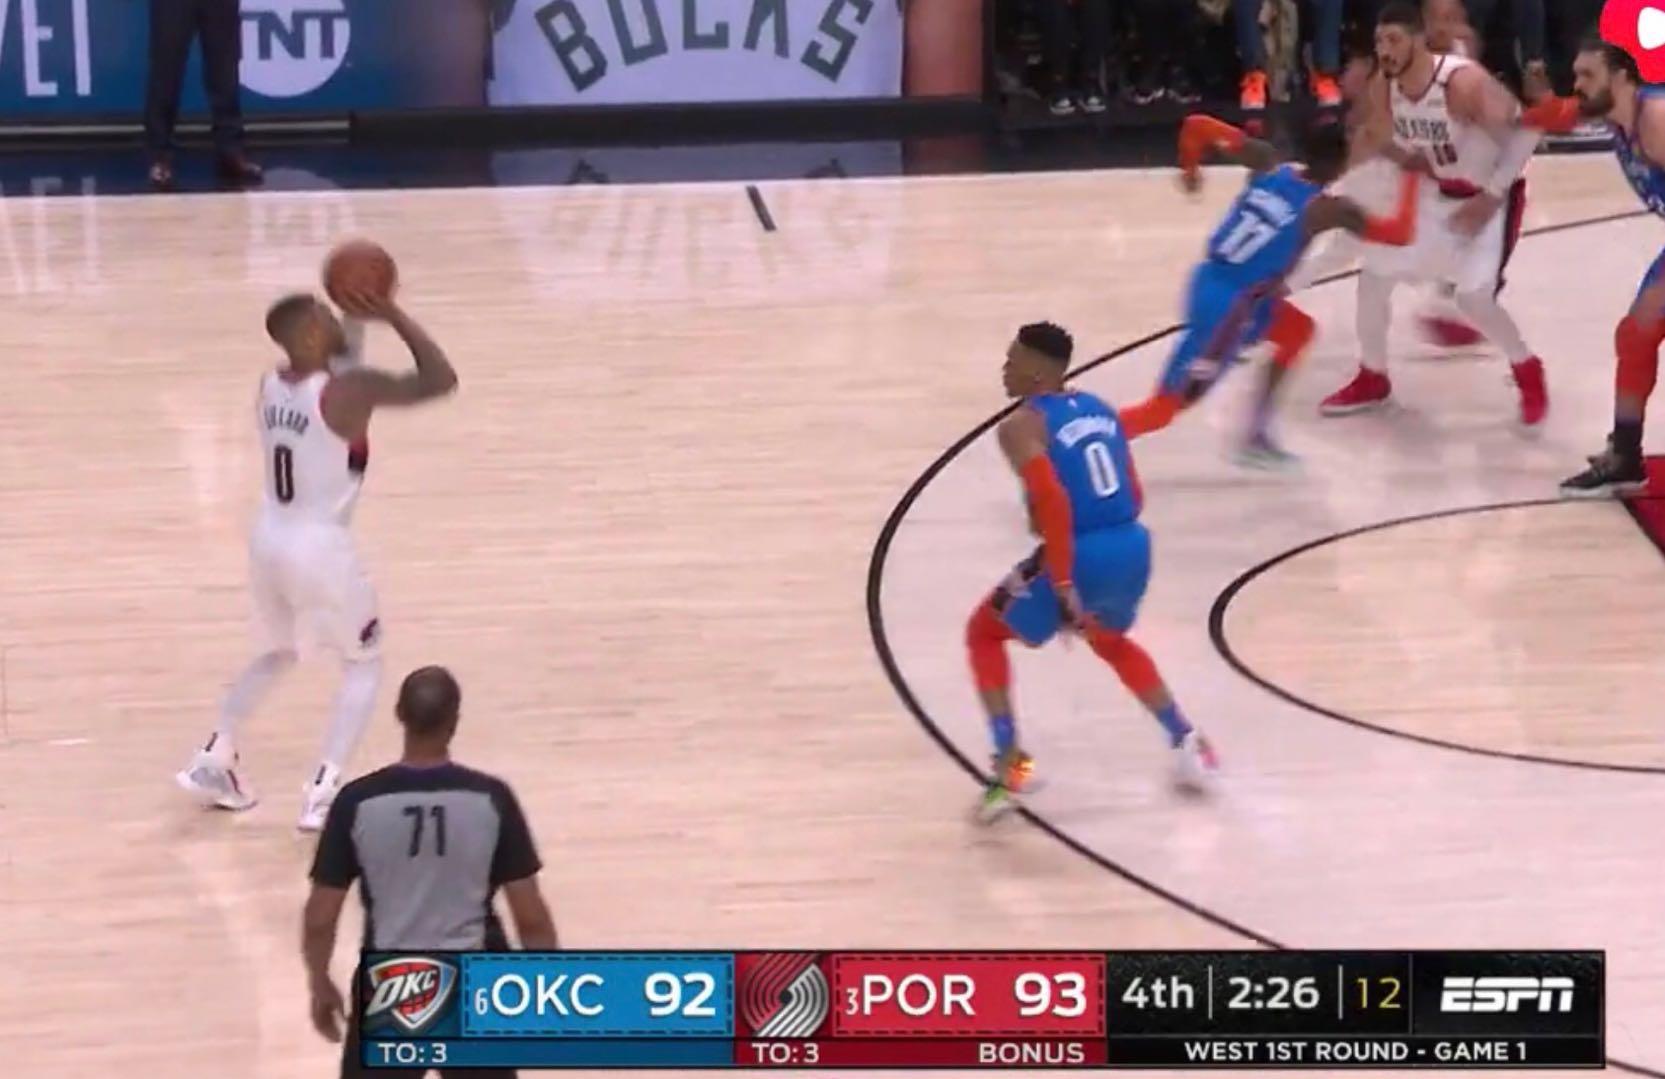 利拉德时间!超远answerball维持分差 NBA新闻